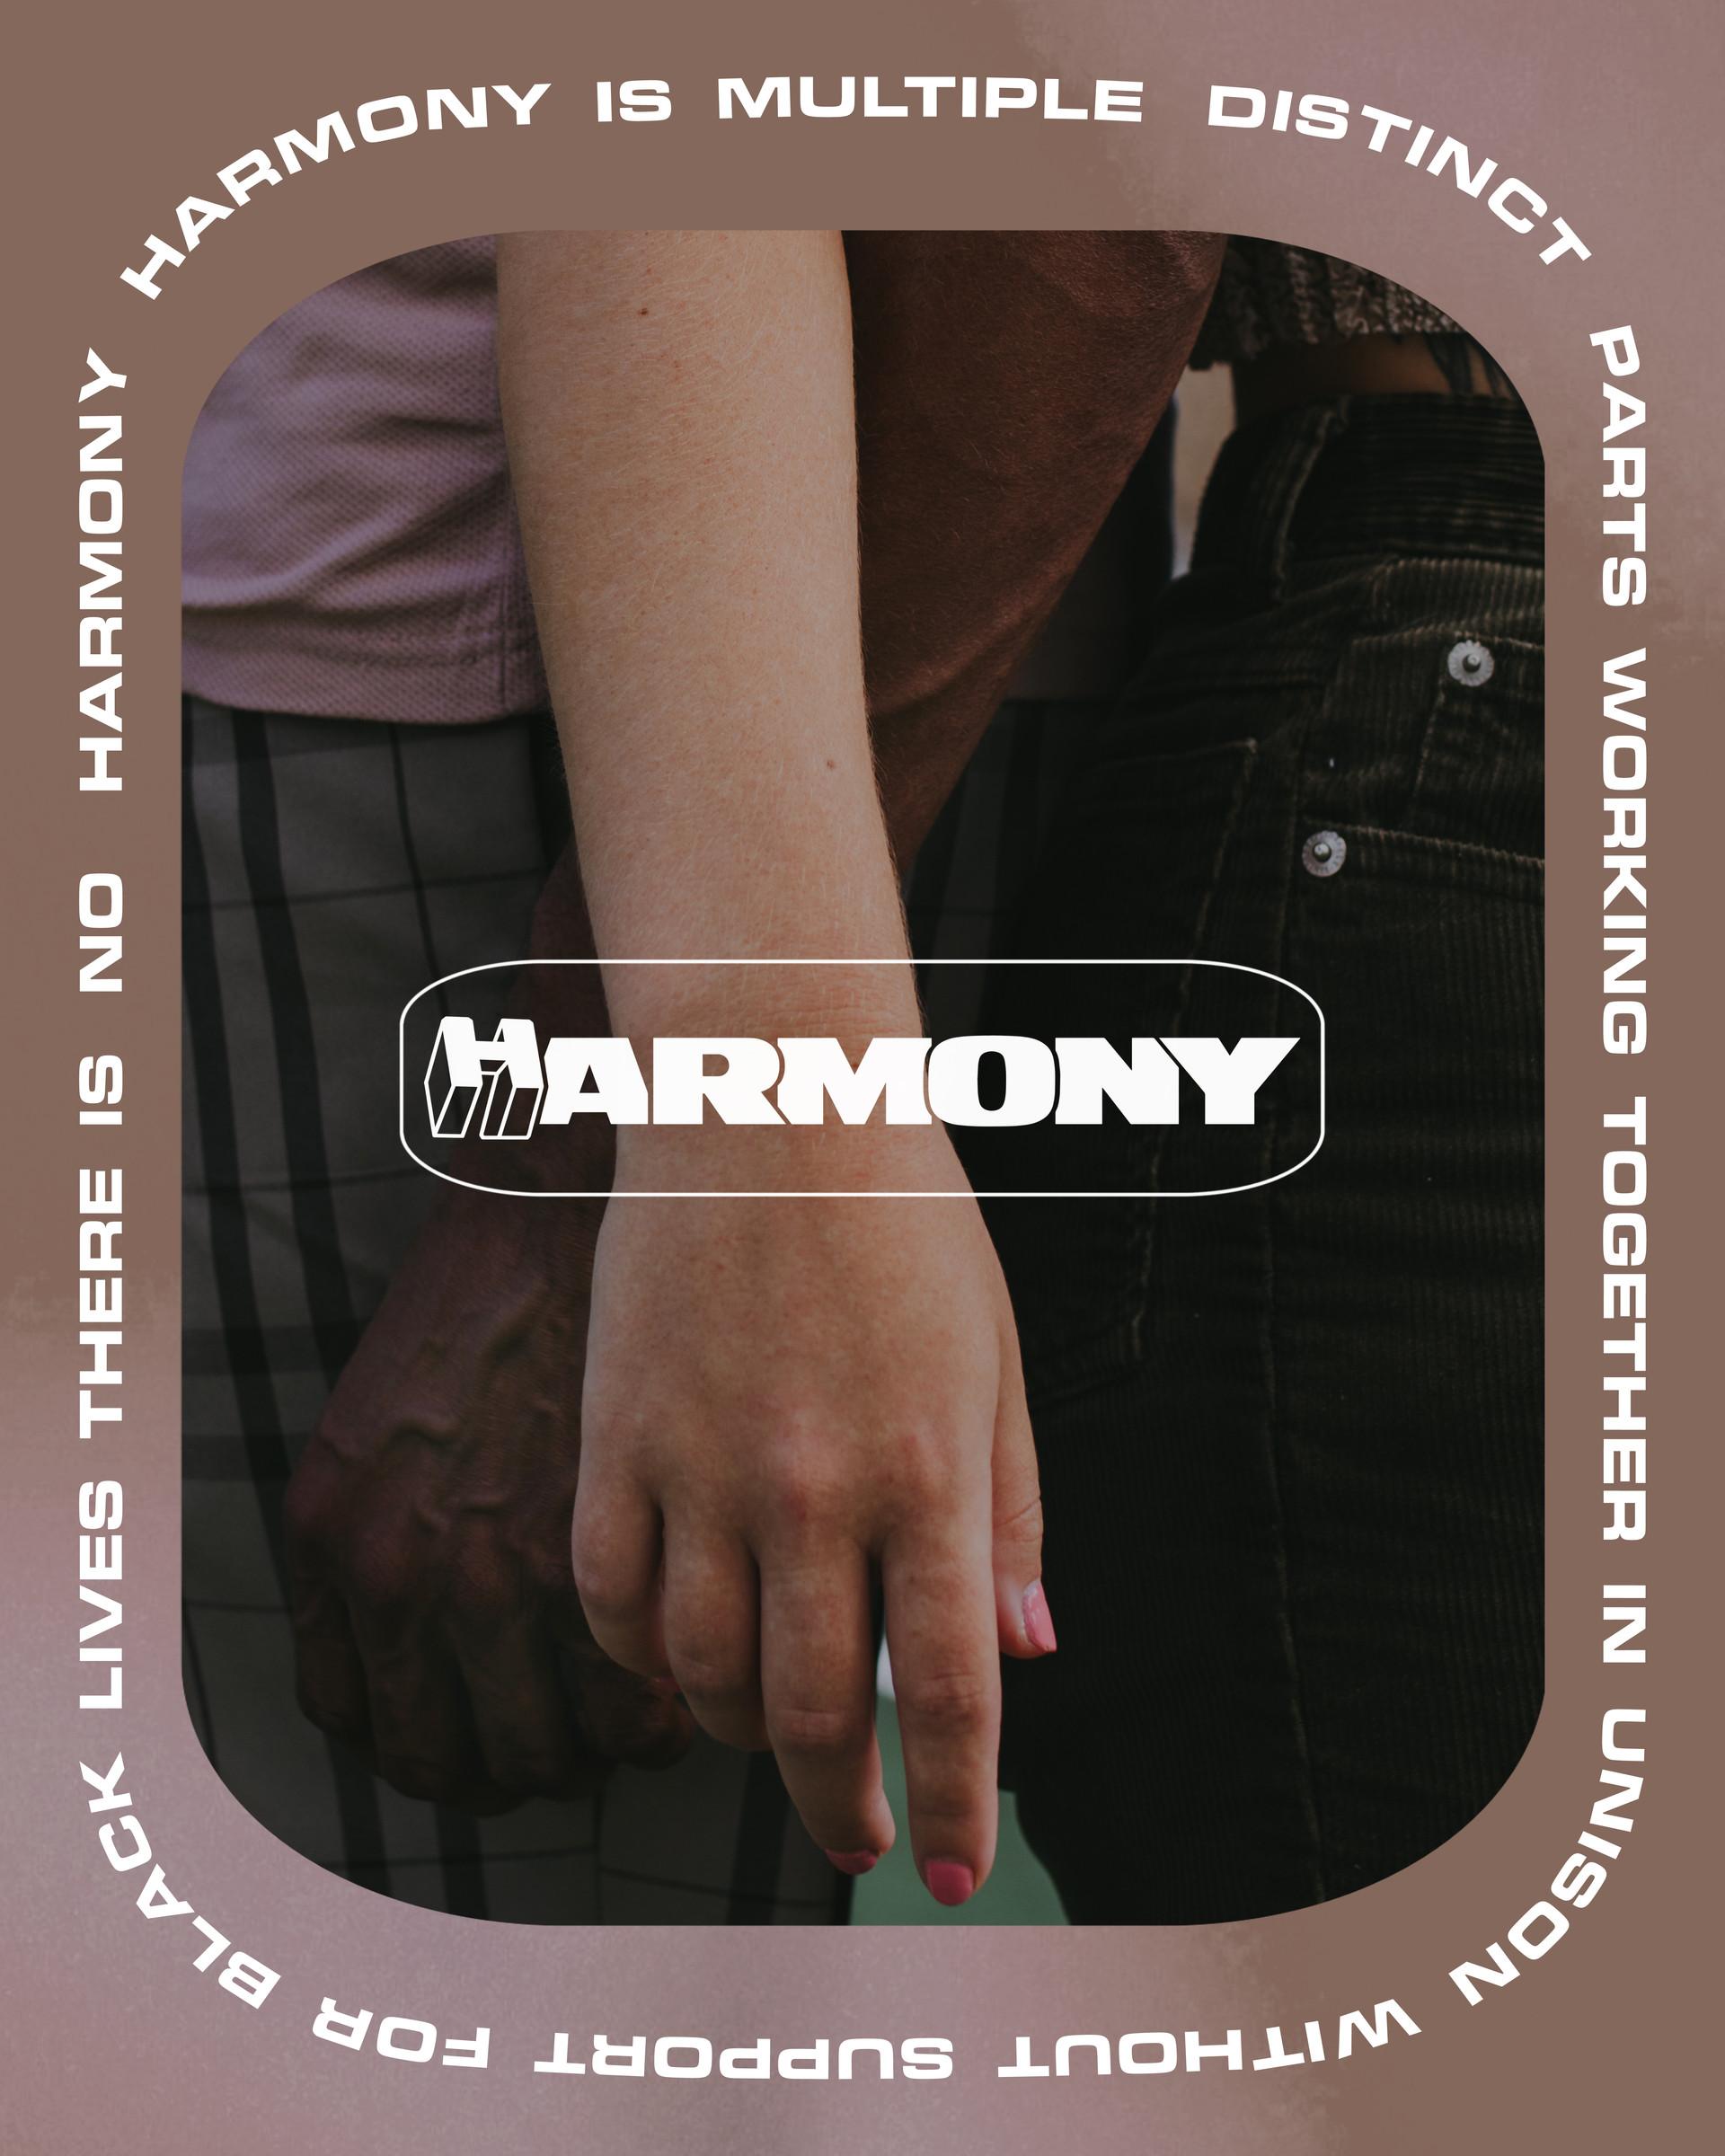 Harmony Poster 2